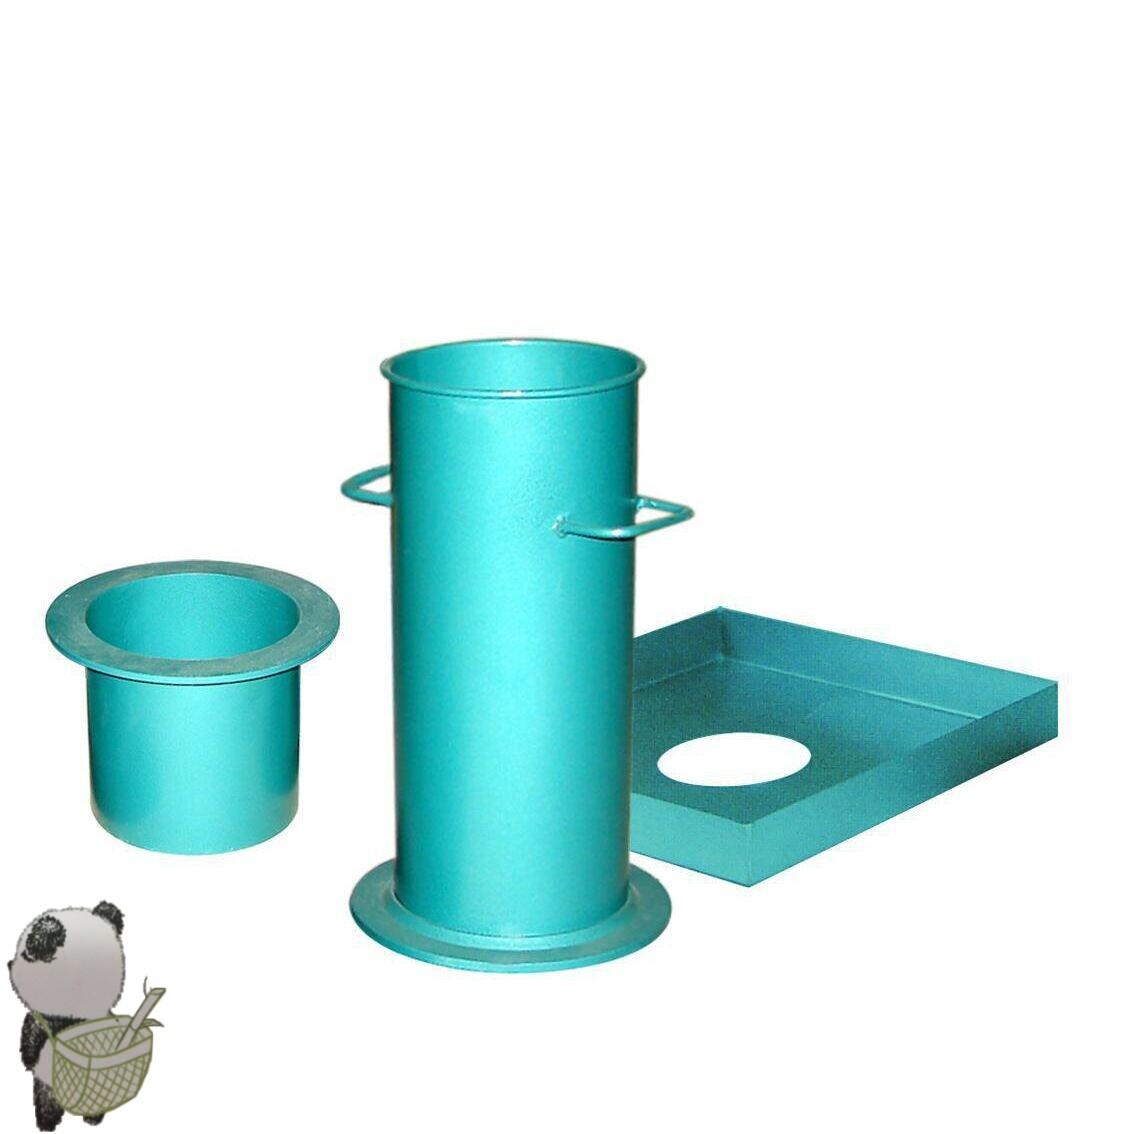 基板实法度/压/标定罐砂灌灌筒沙底盘仪200灌100公路试验桶150砂